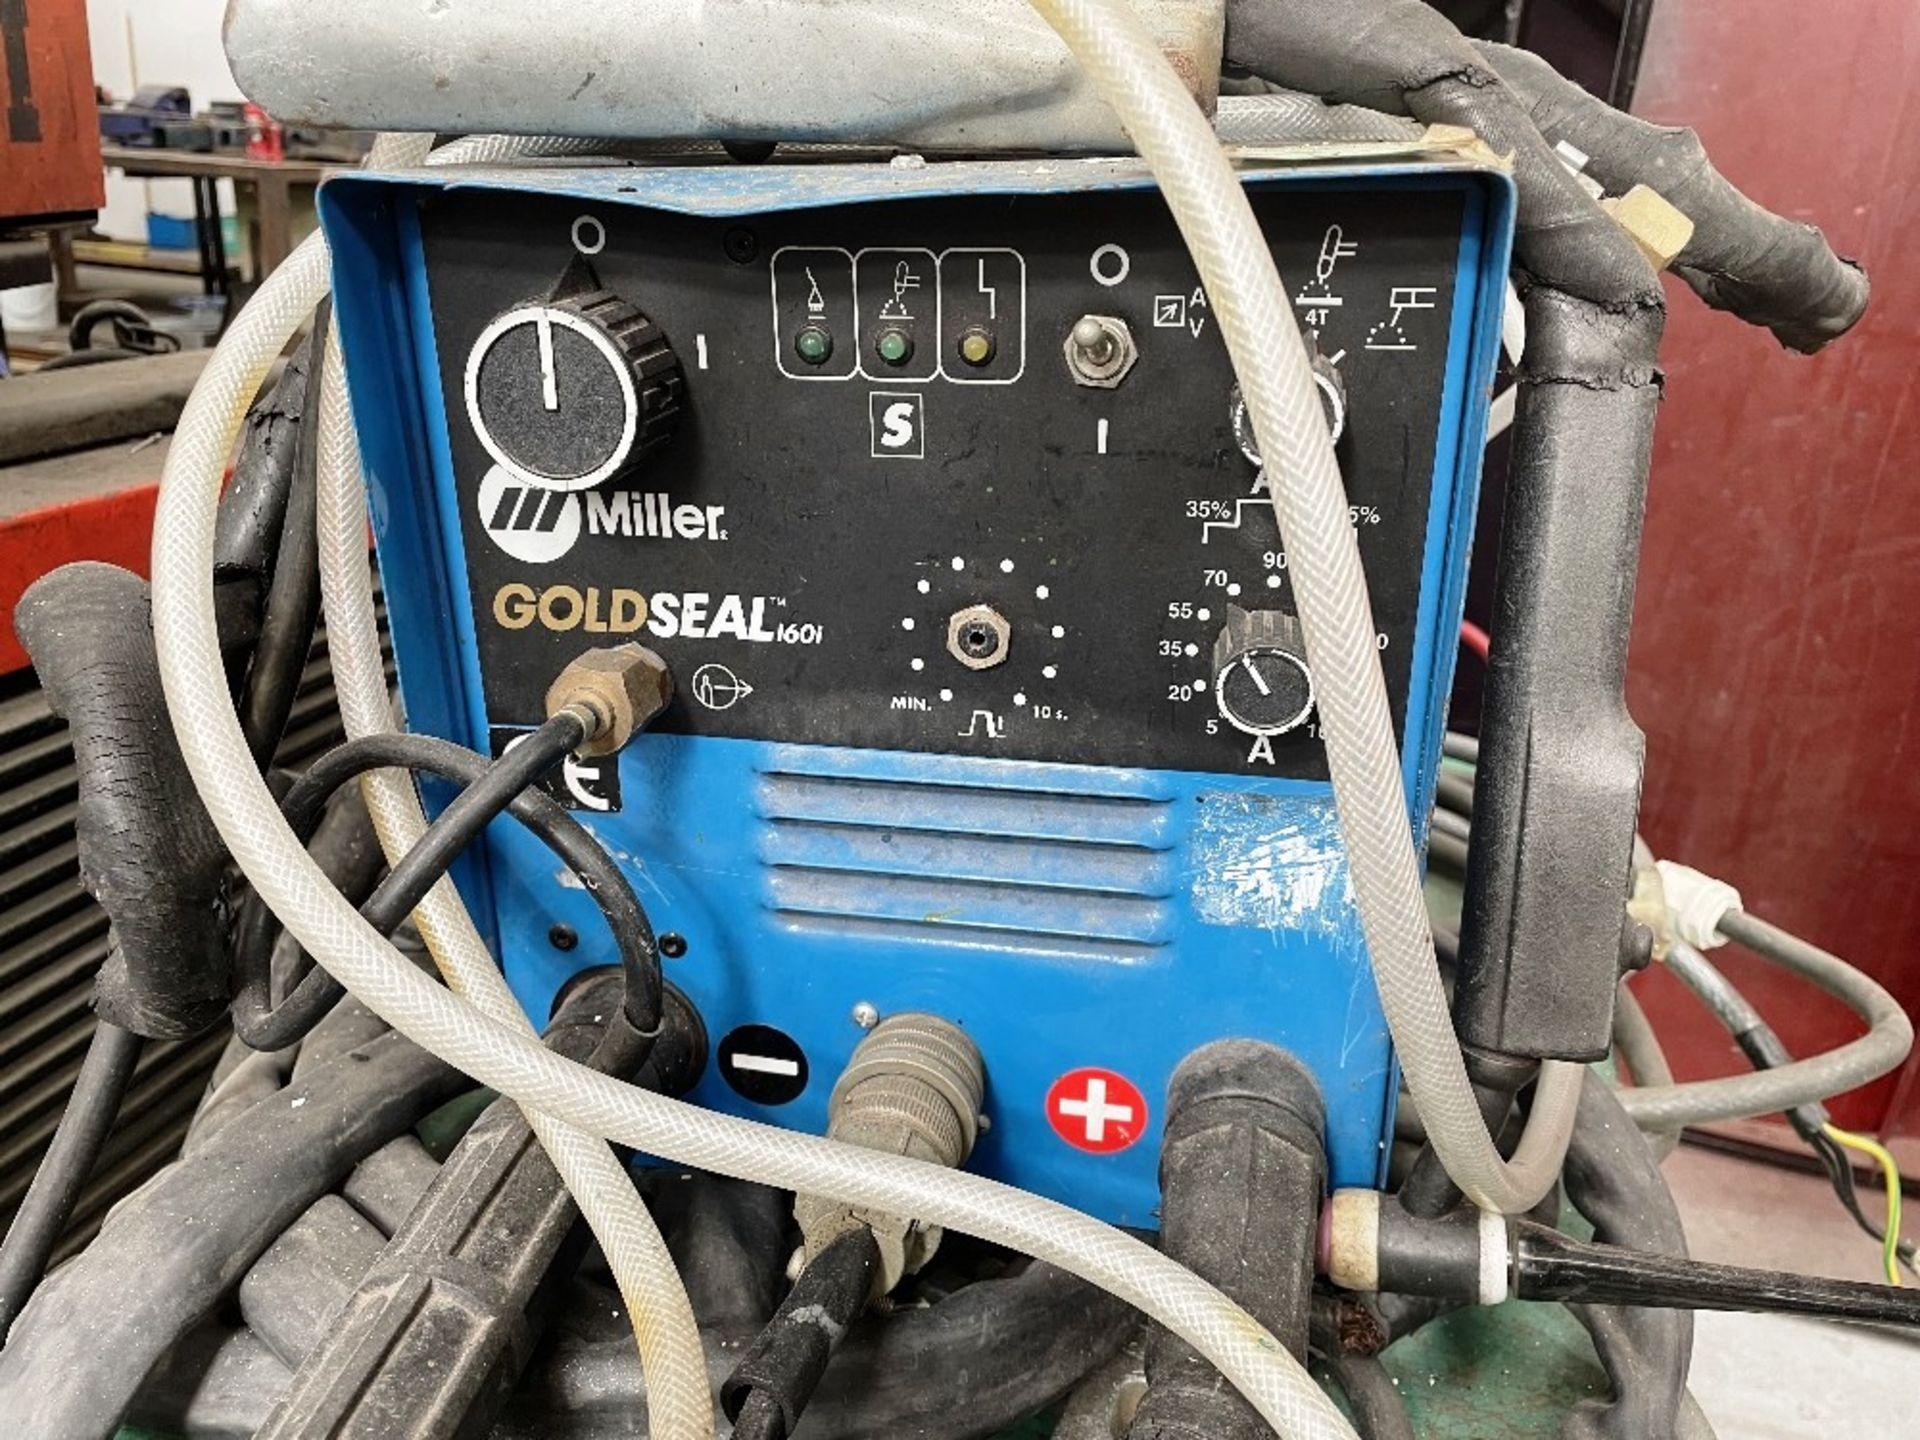 L-Tec Heliarc 250 Tig/Stick Welder w/ Miller Power Source & Water Cooler - Image 2 of 5